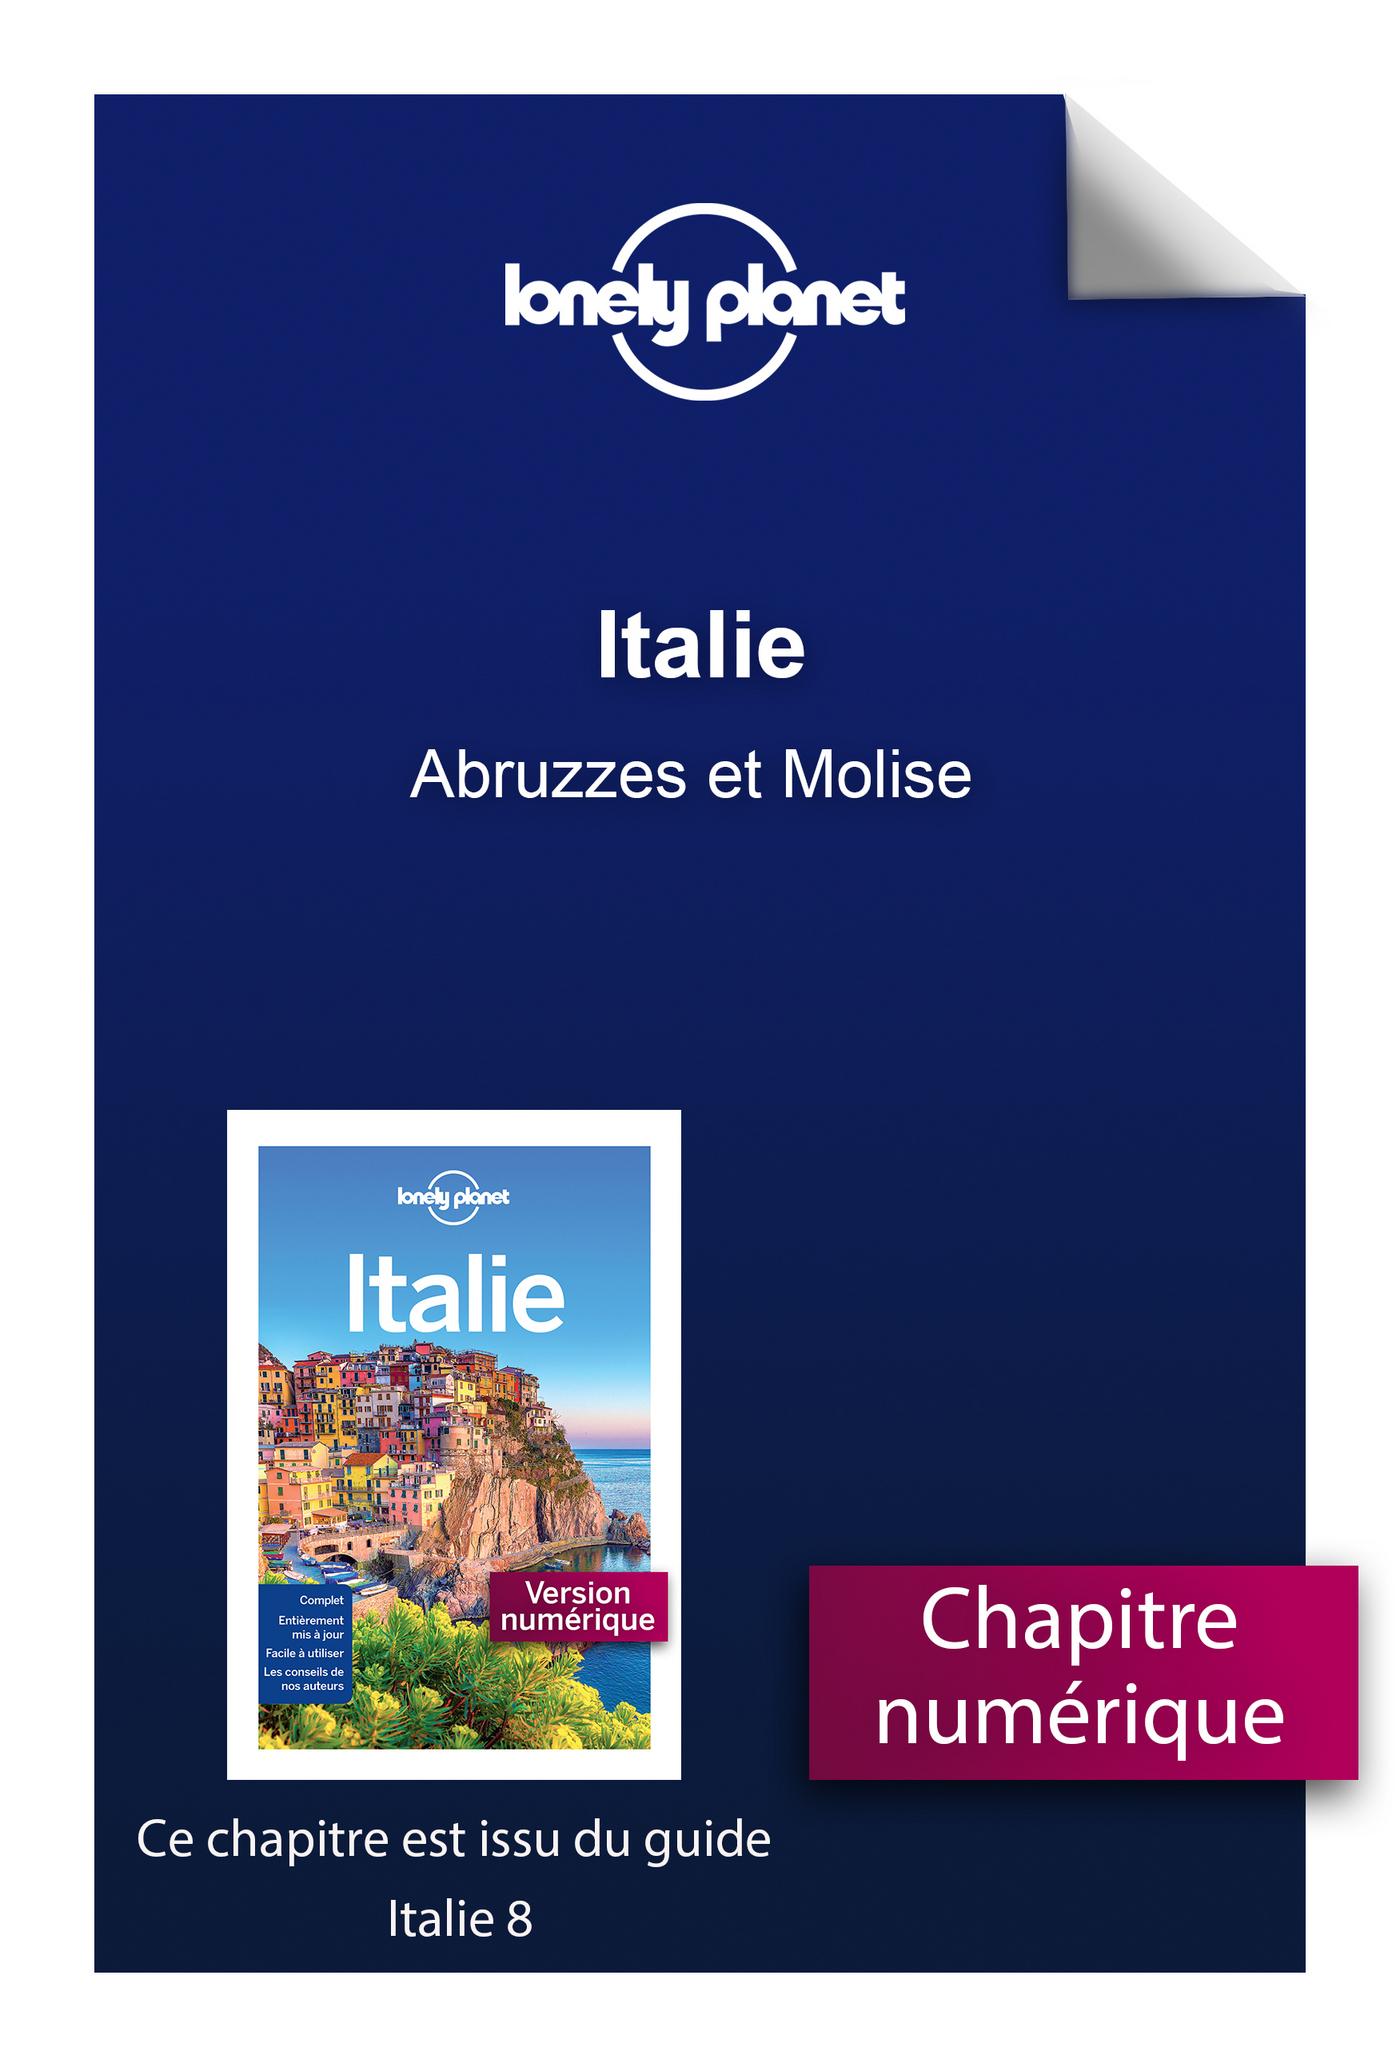 Italie - Abruzzes et Molise